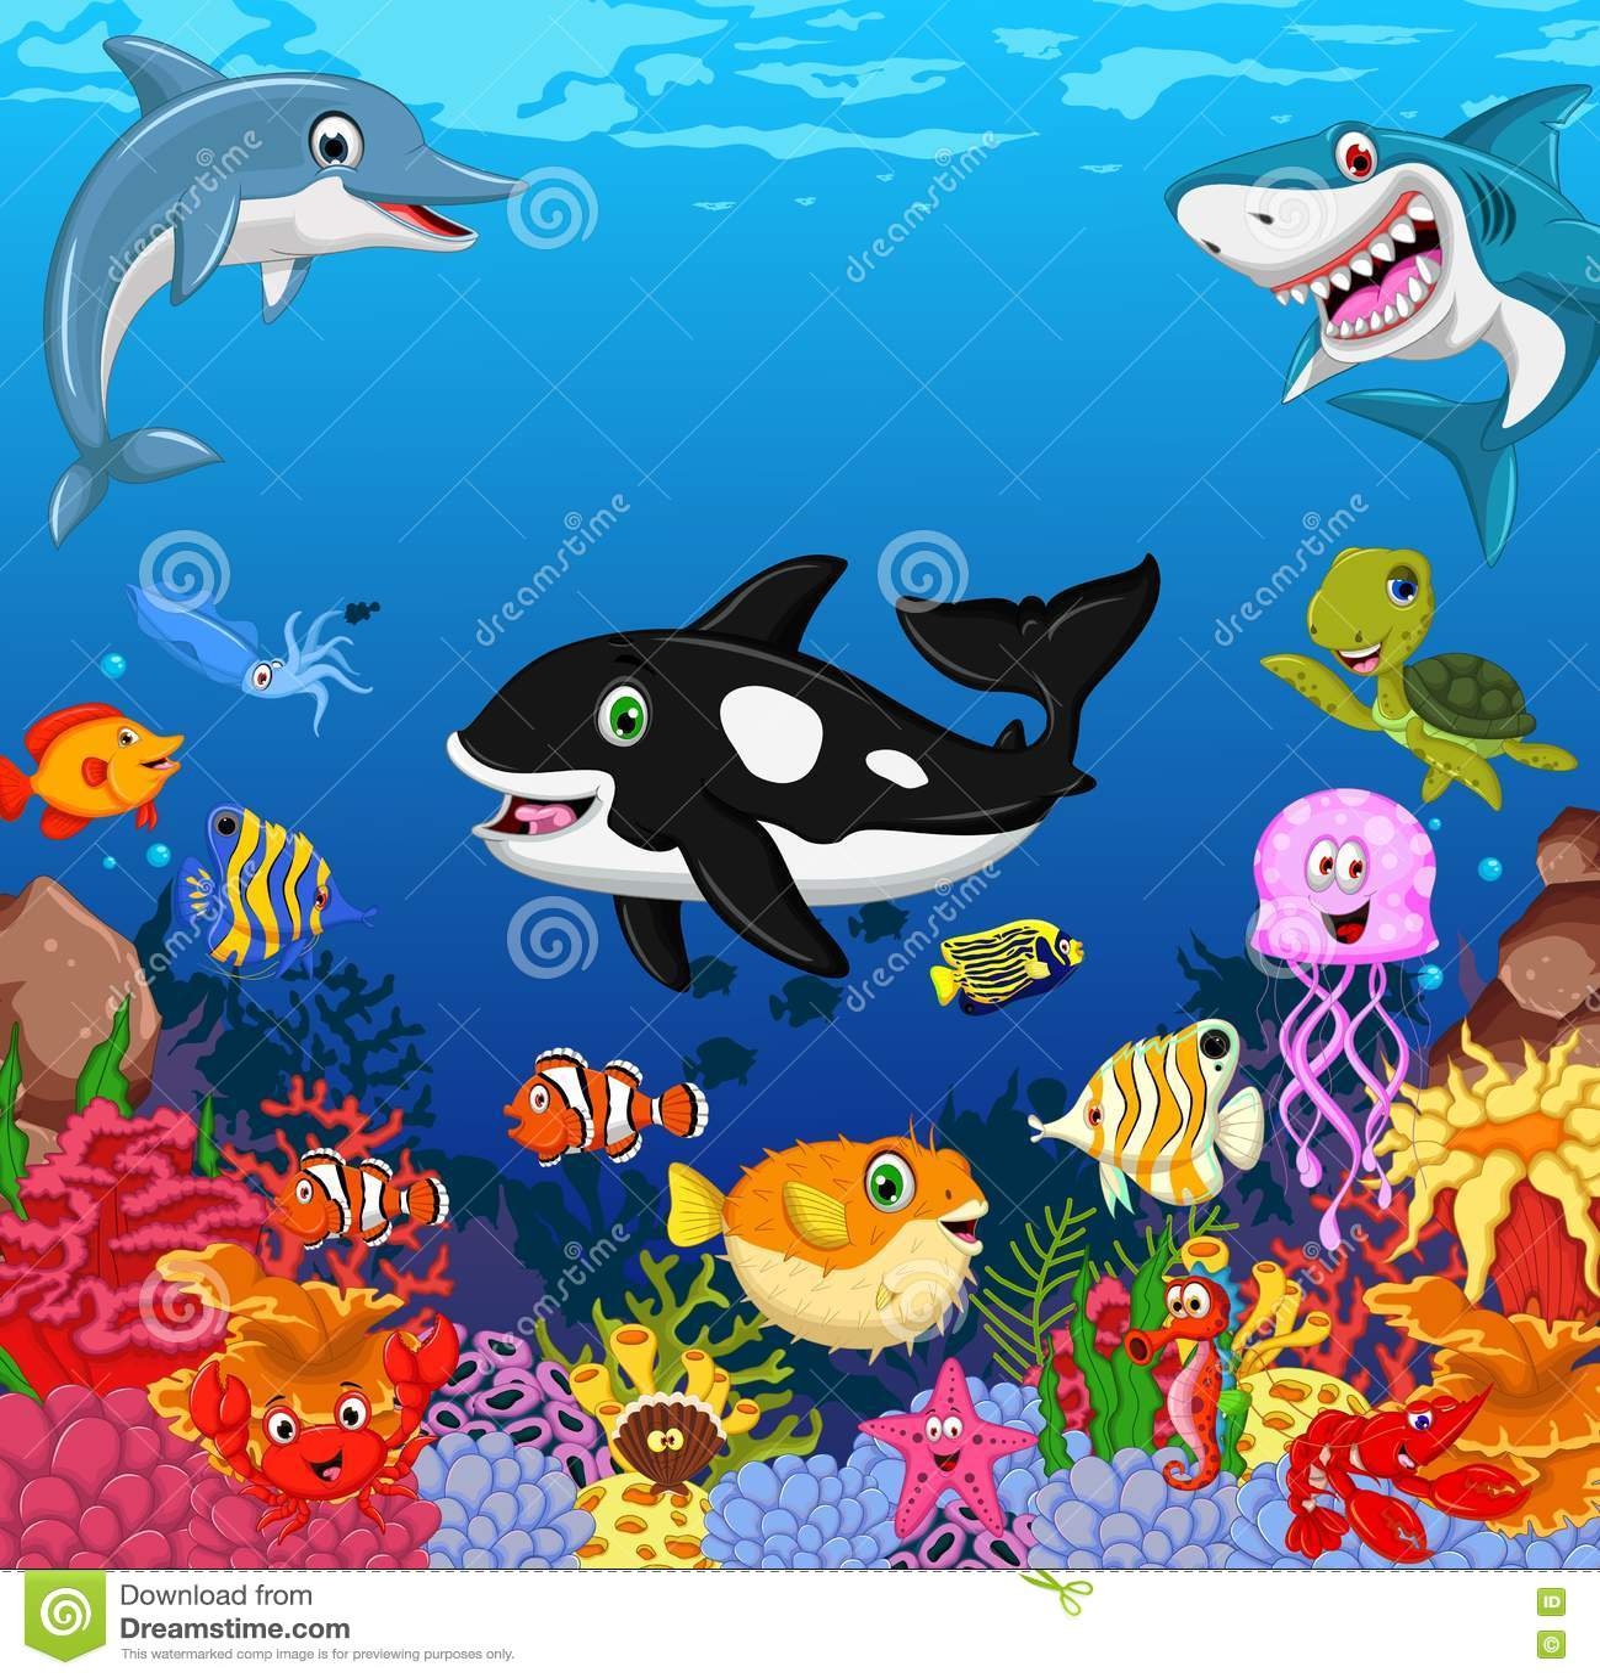 您的滑稽的鱼动画片海洋生活设计 库存例证. 插画 包括有 图画, 要素, 动画片, 字符, 珊瑚, 发嗡嗡声的东西